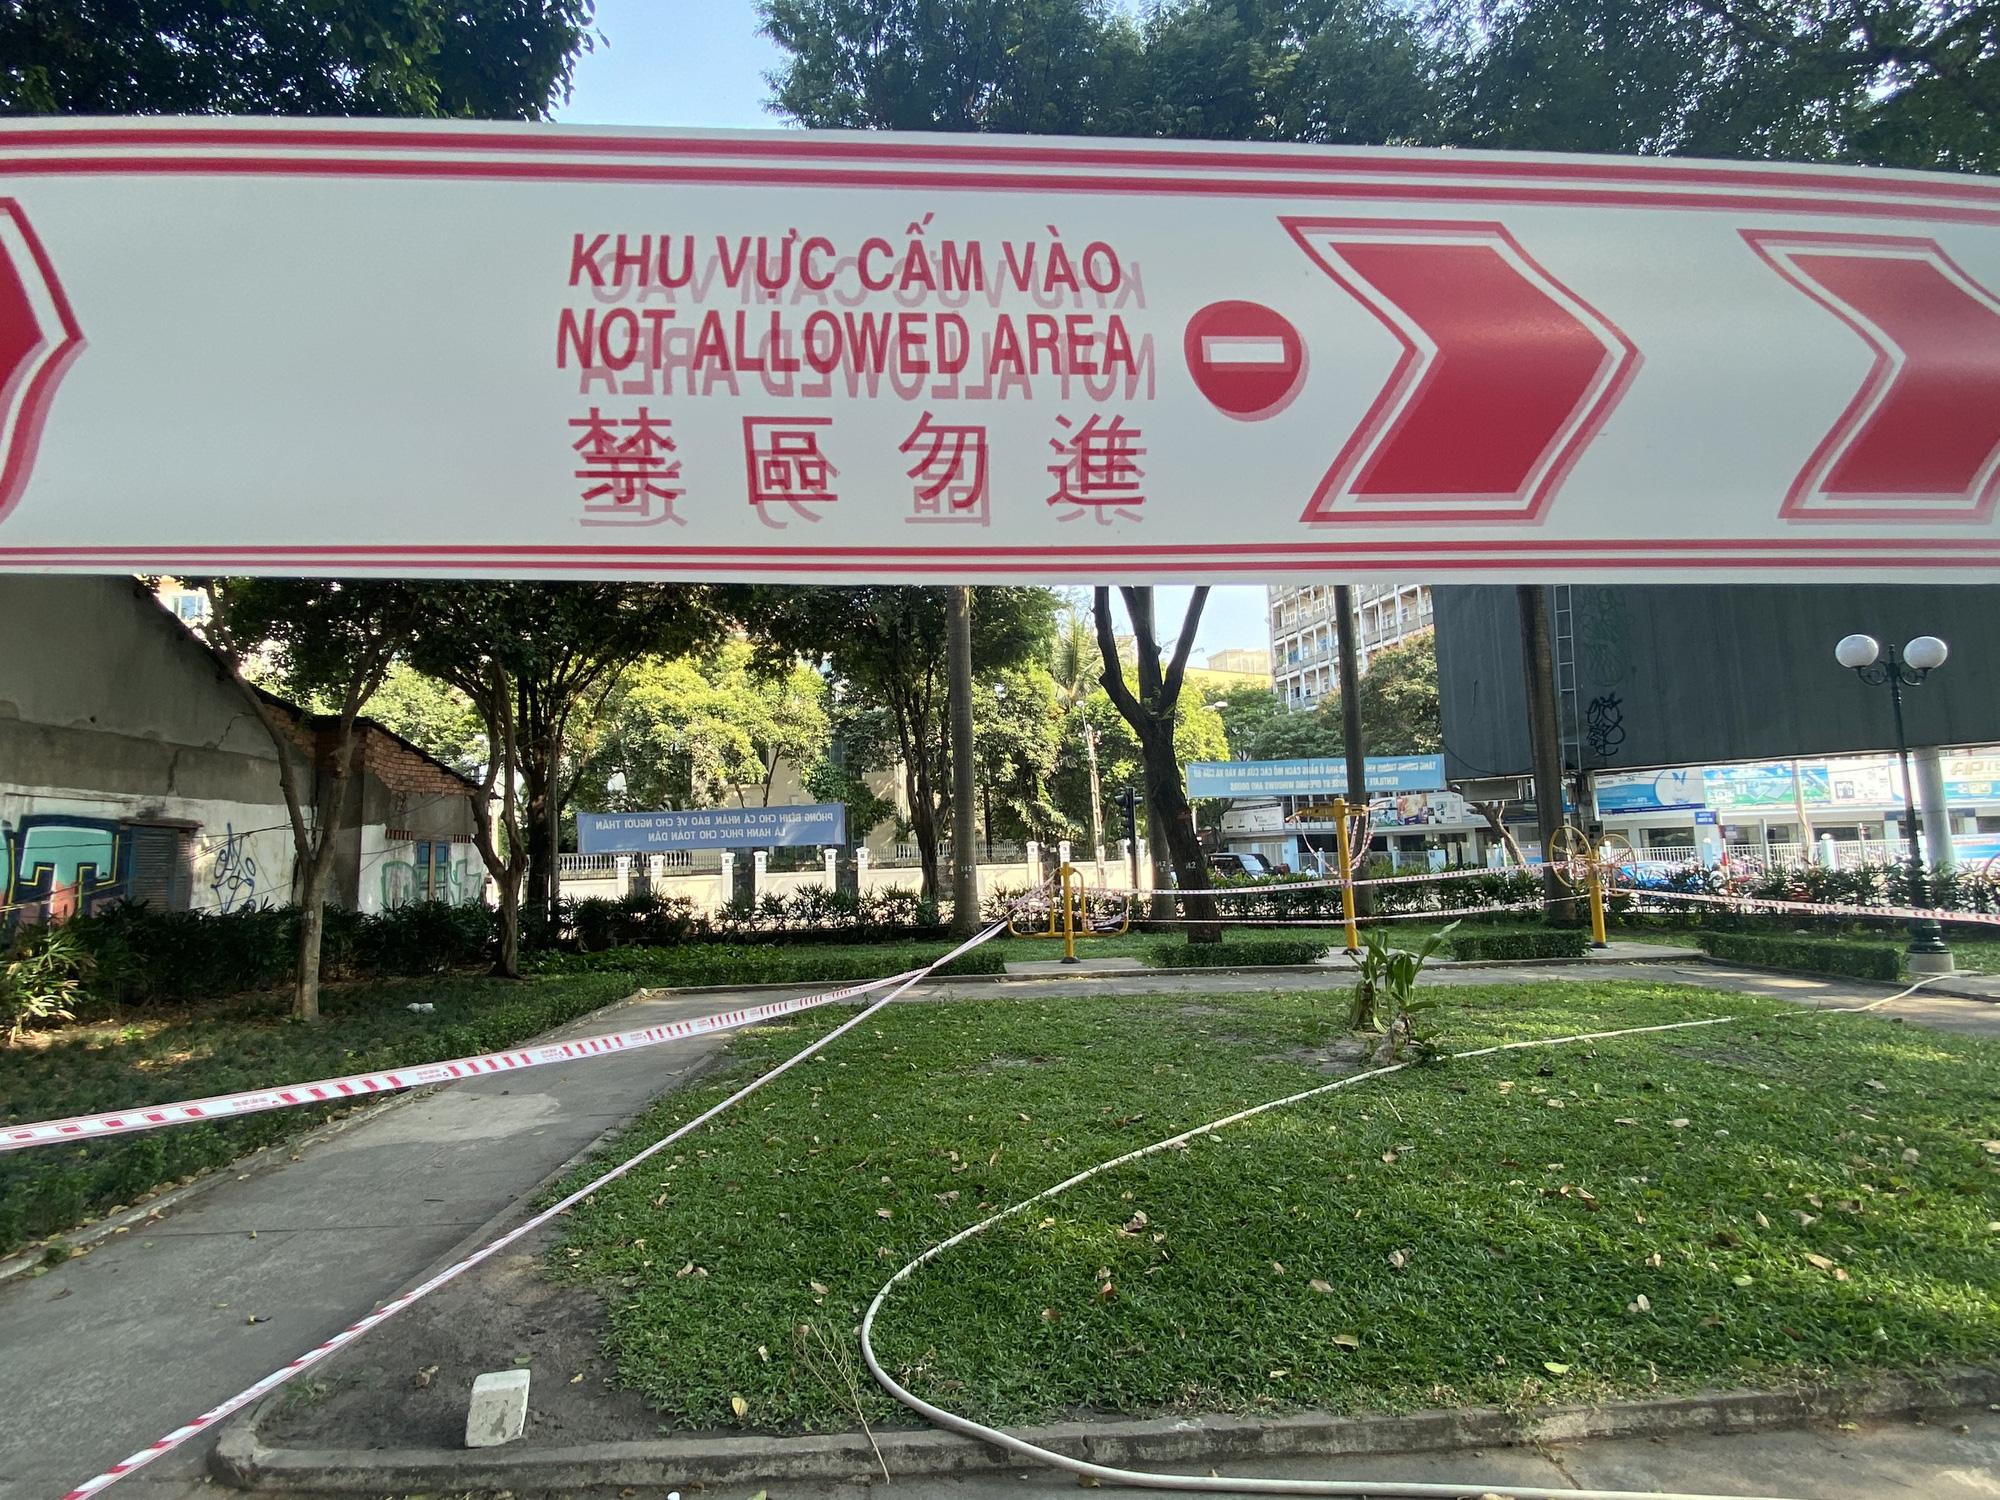 TP.HCM: Sân chơi công viên vắng ngắt, máy tập thể dục bị niêm phong sau lệnh tạm ngưng hoạt động phòng chống dịch Covid-19 - Ảnh 8.